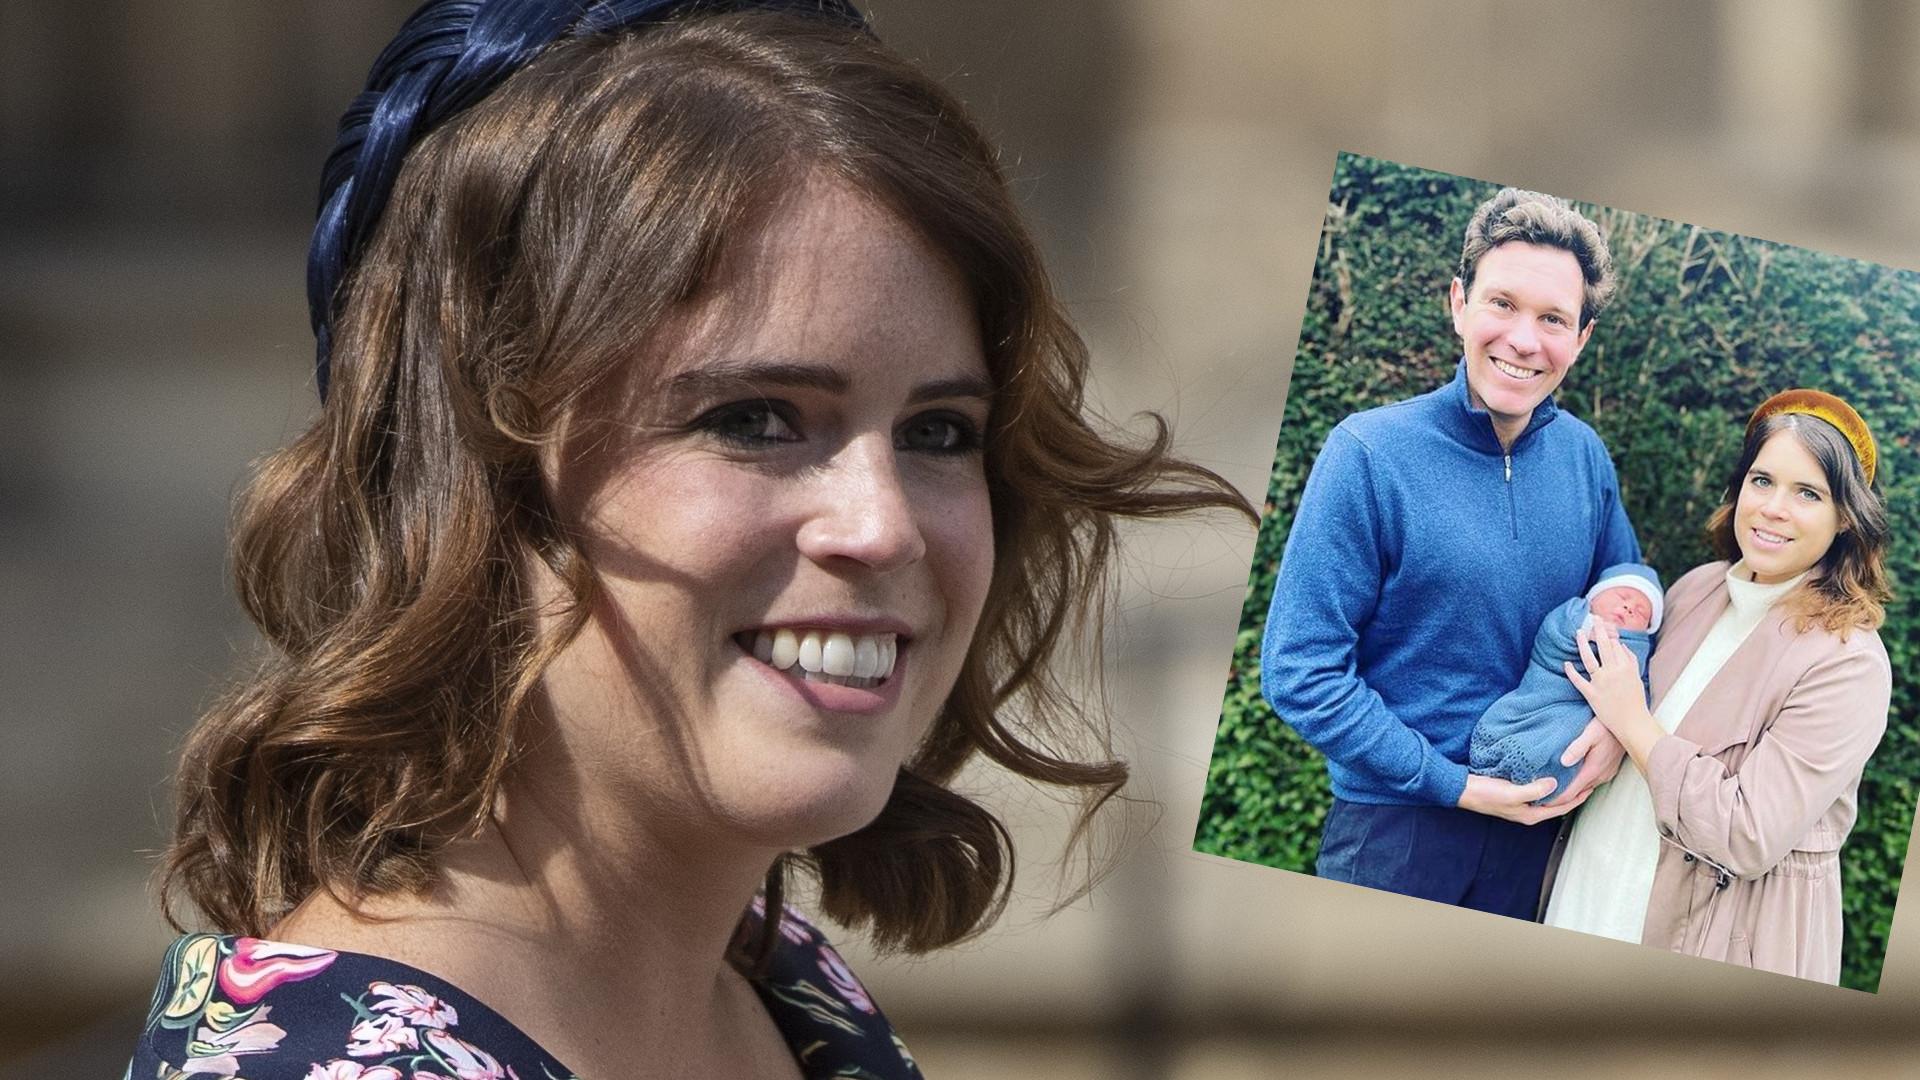 Internet OSZALAŁ na punkcie nowego zdjęcia synka księżniczki Eugenii